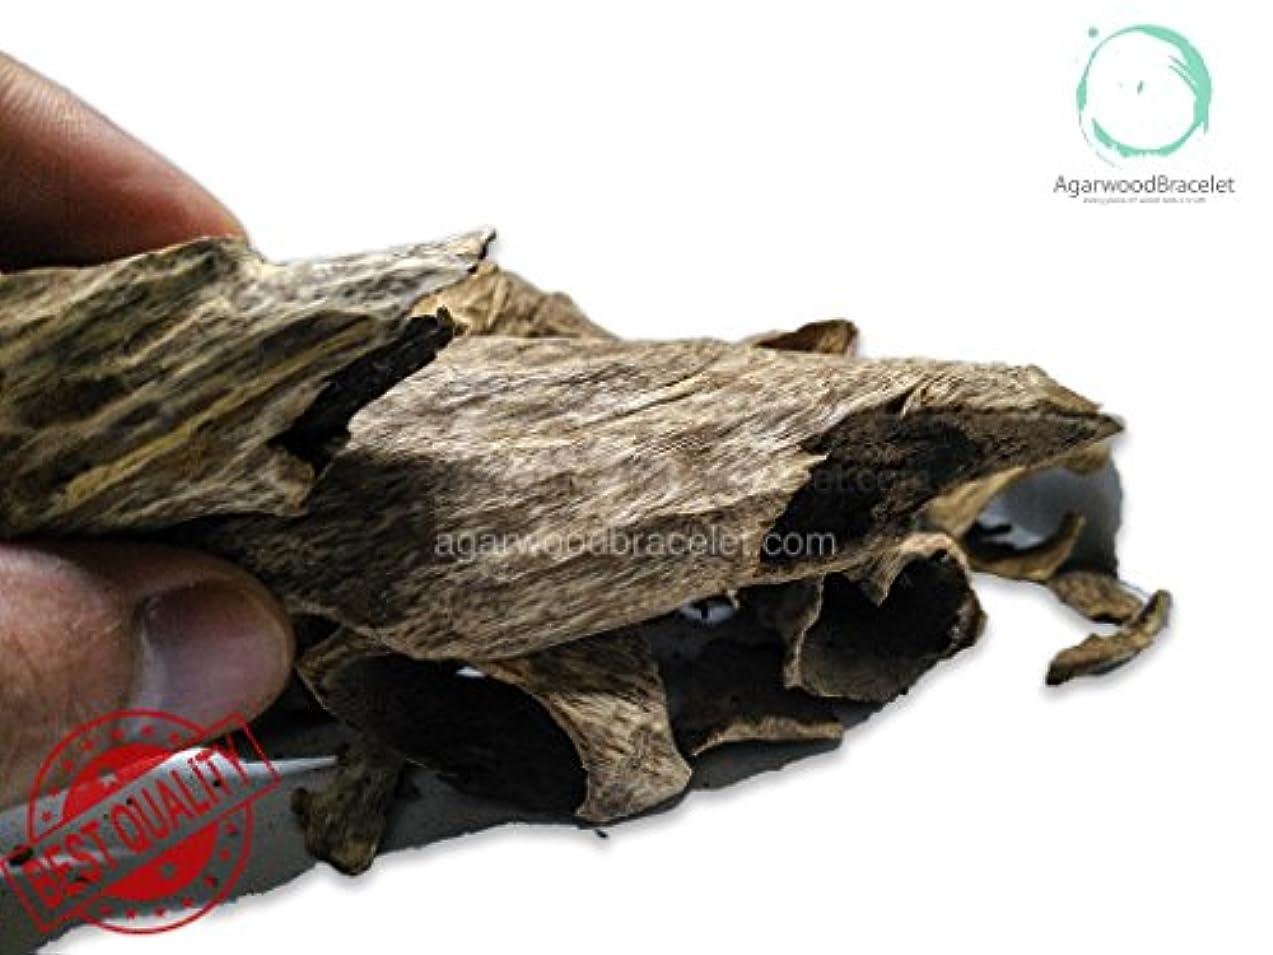 不完全なアデレードのぞき穴沈香ブレスレット 高元Natural Wild Agarwood OudチップGrade A +   200グラム# th52 – 2